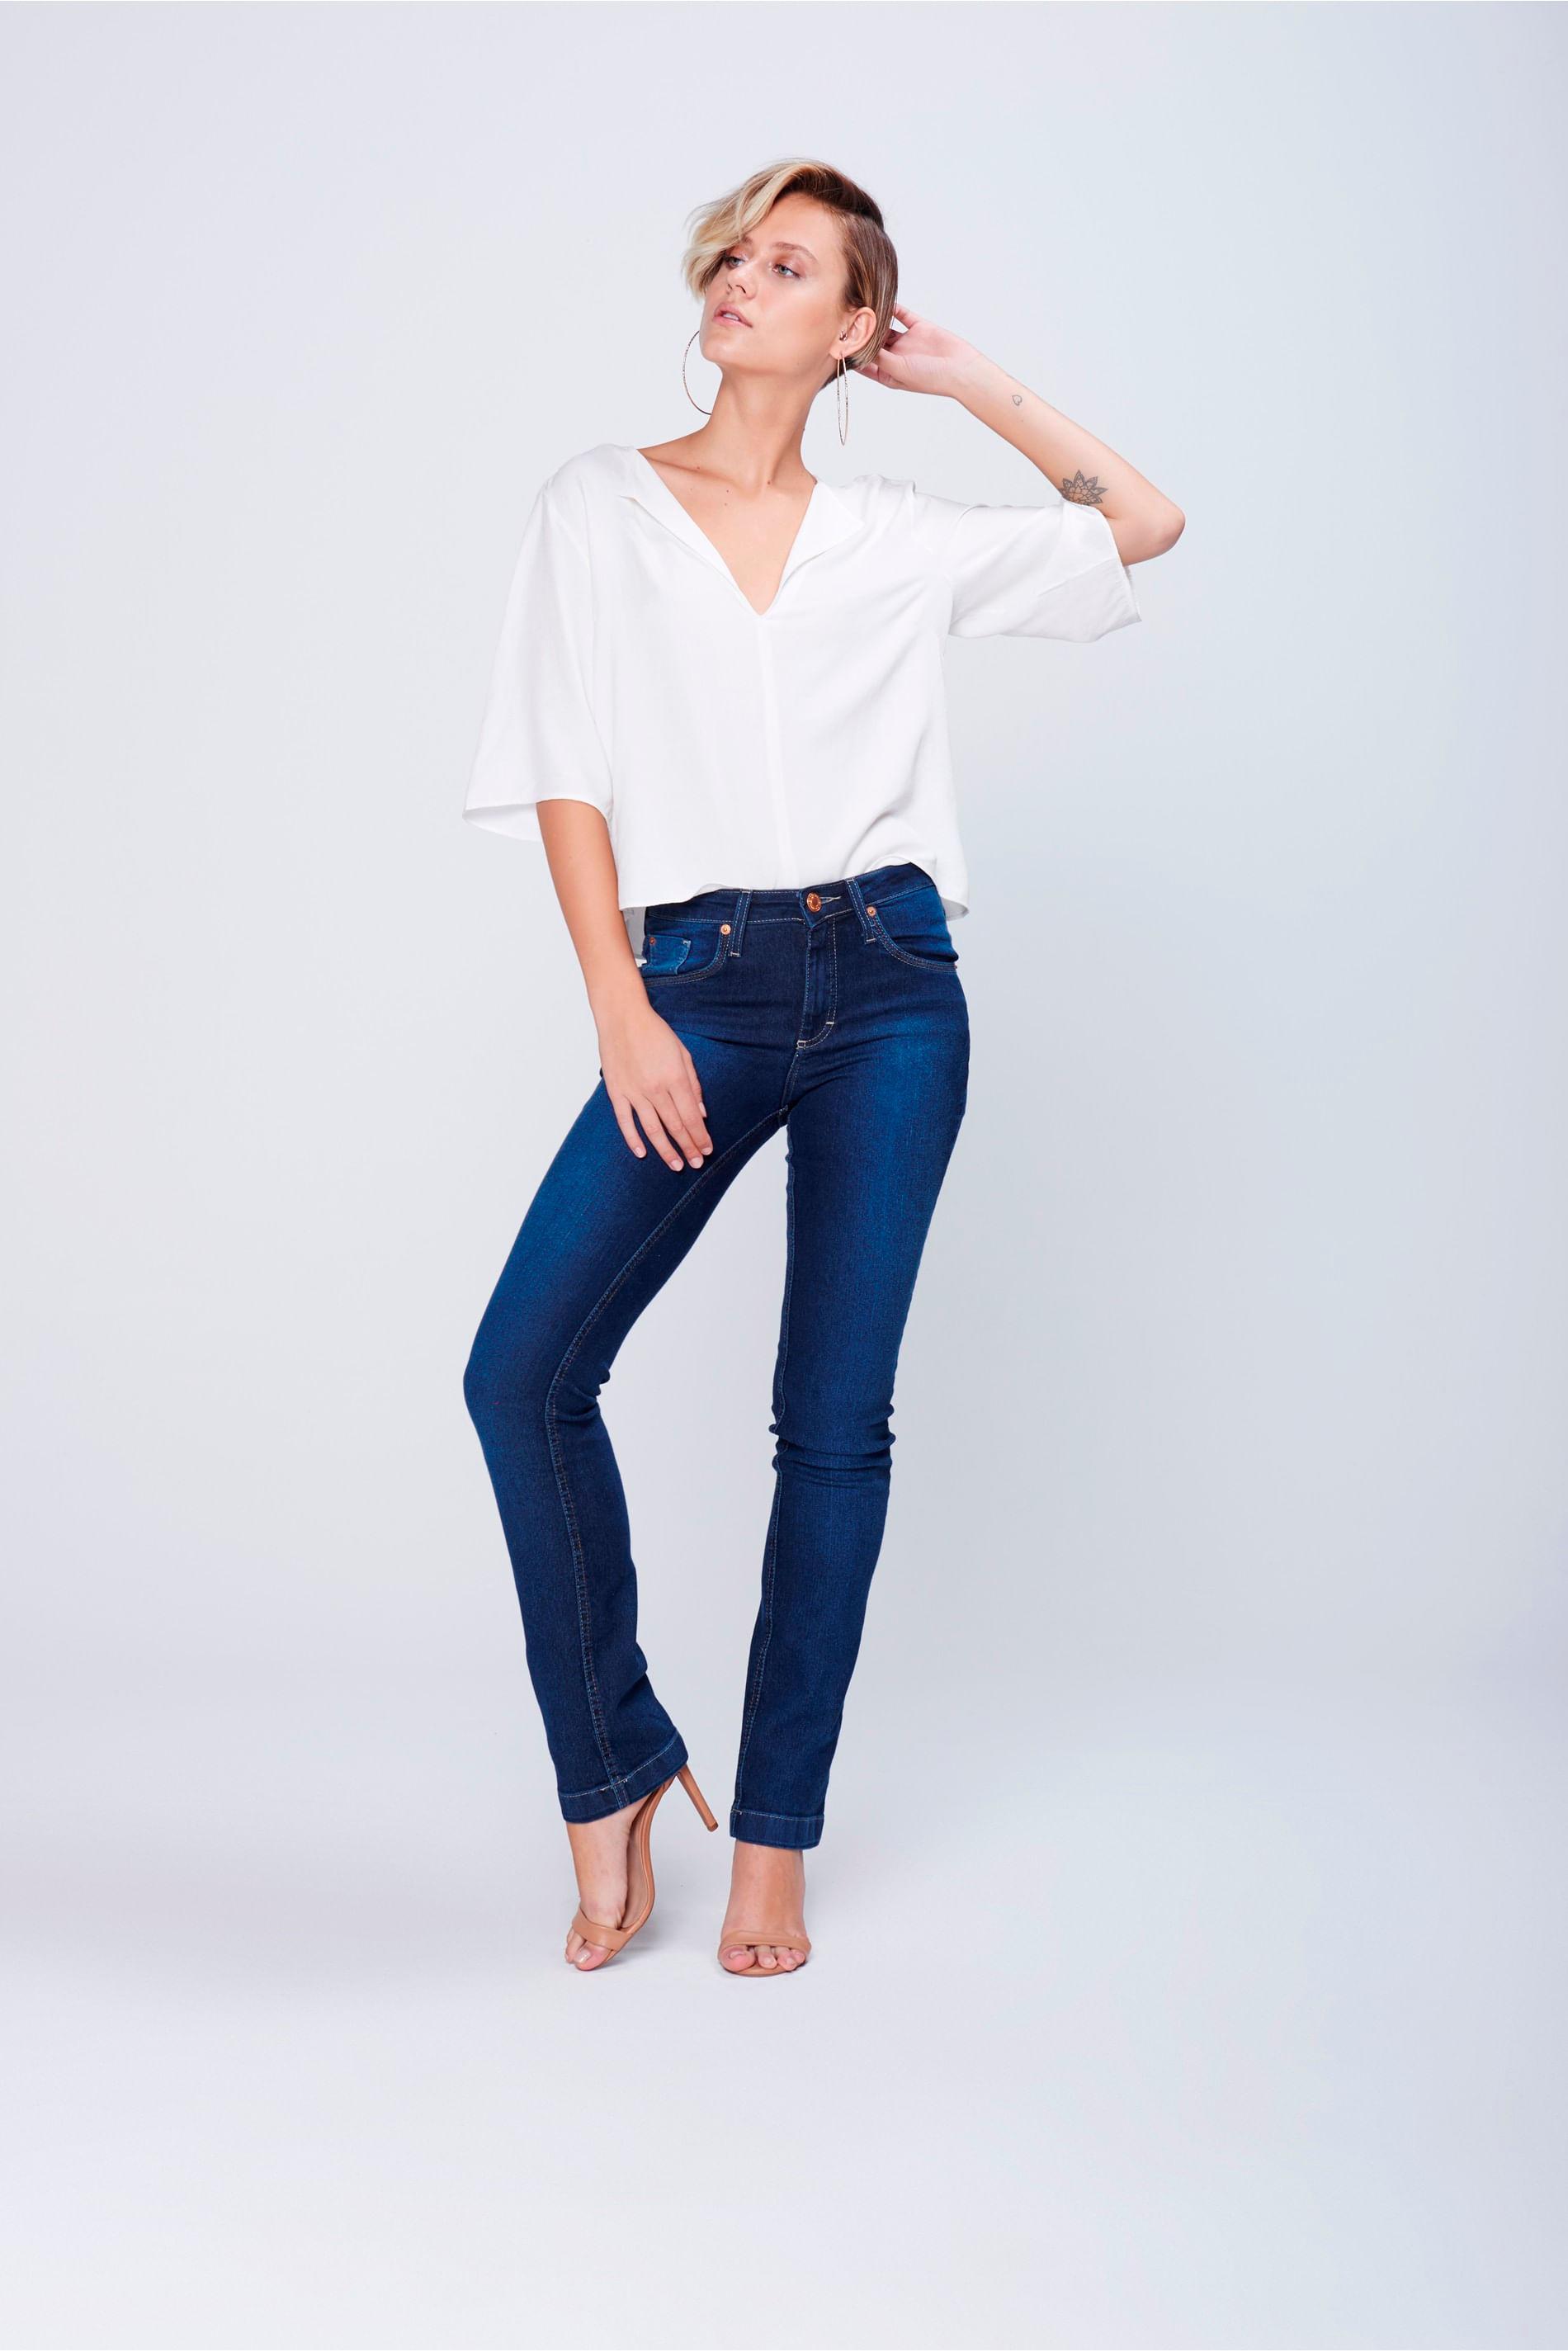 Calça Jeans Reta com Recortes nos Bolsos - Damyller 268b91de2a8